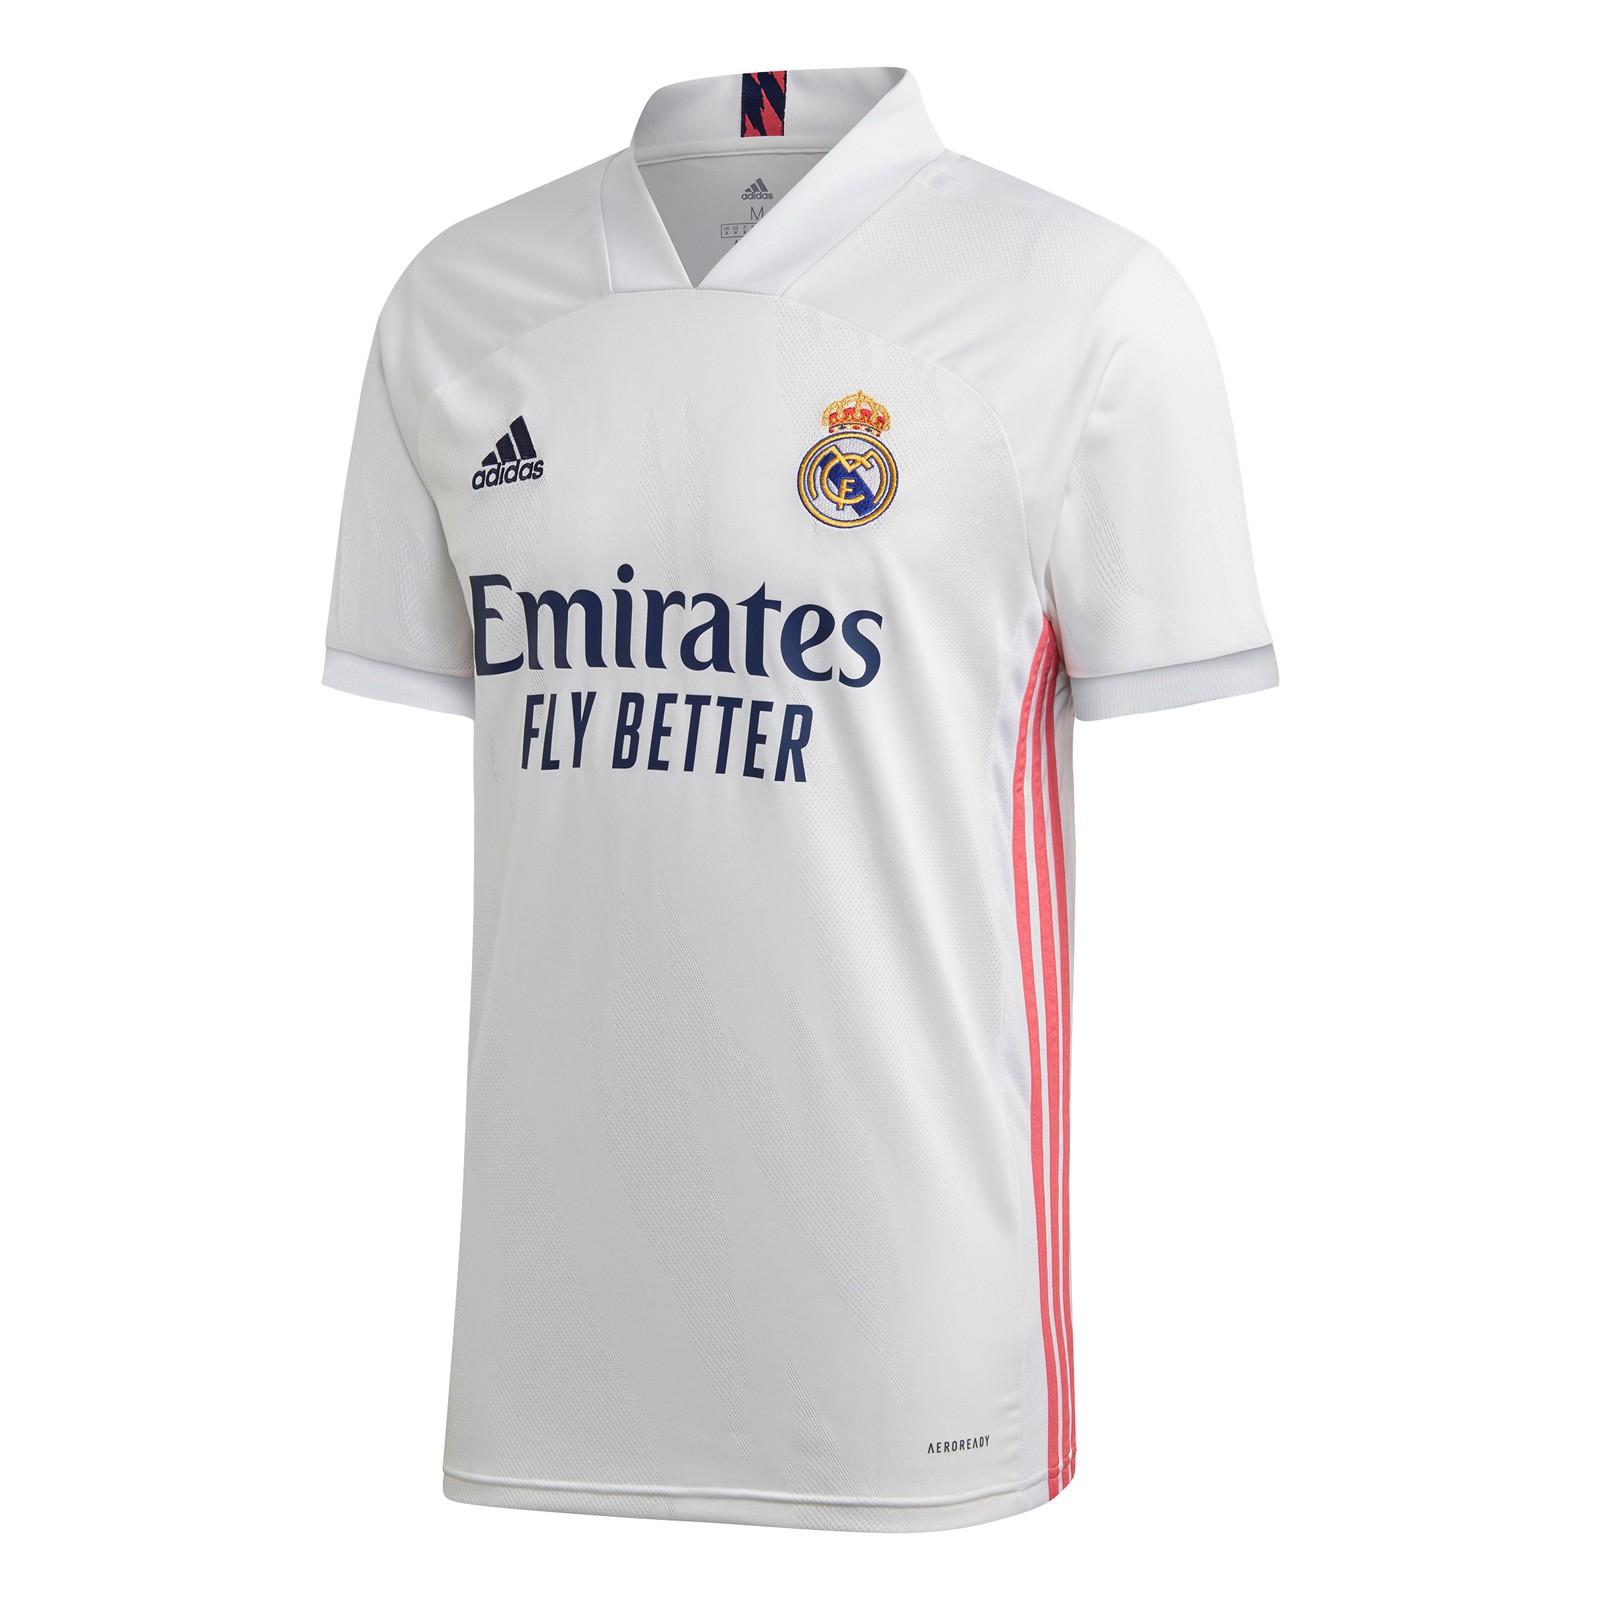 皇家马德里2020-21赛季球迷版主场球衣